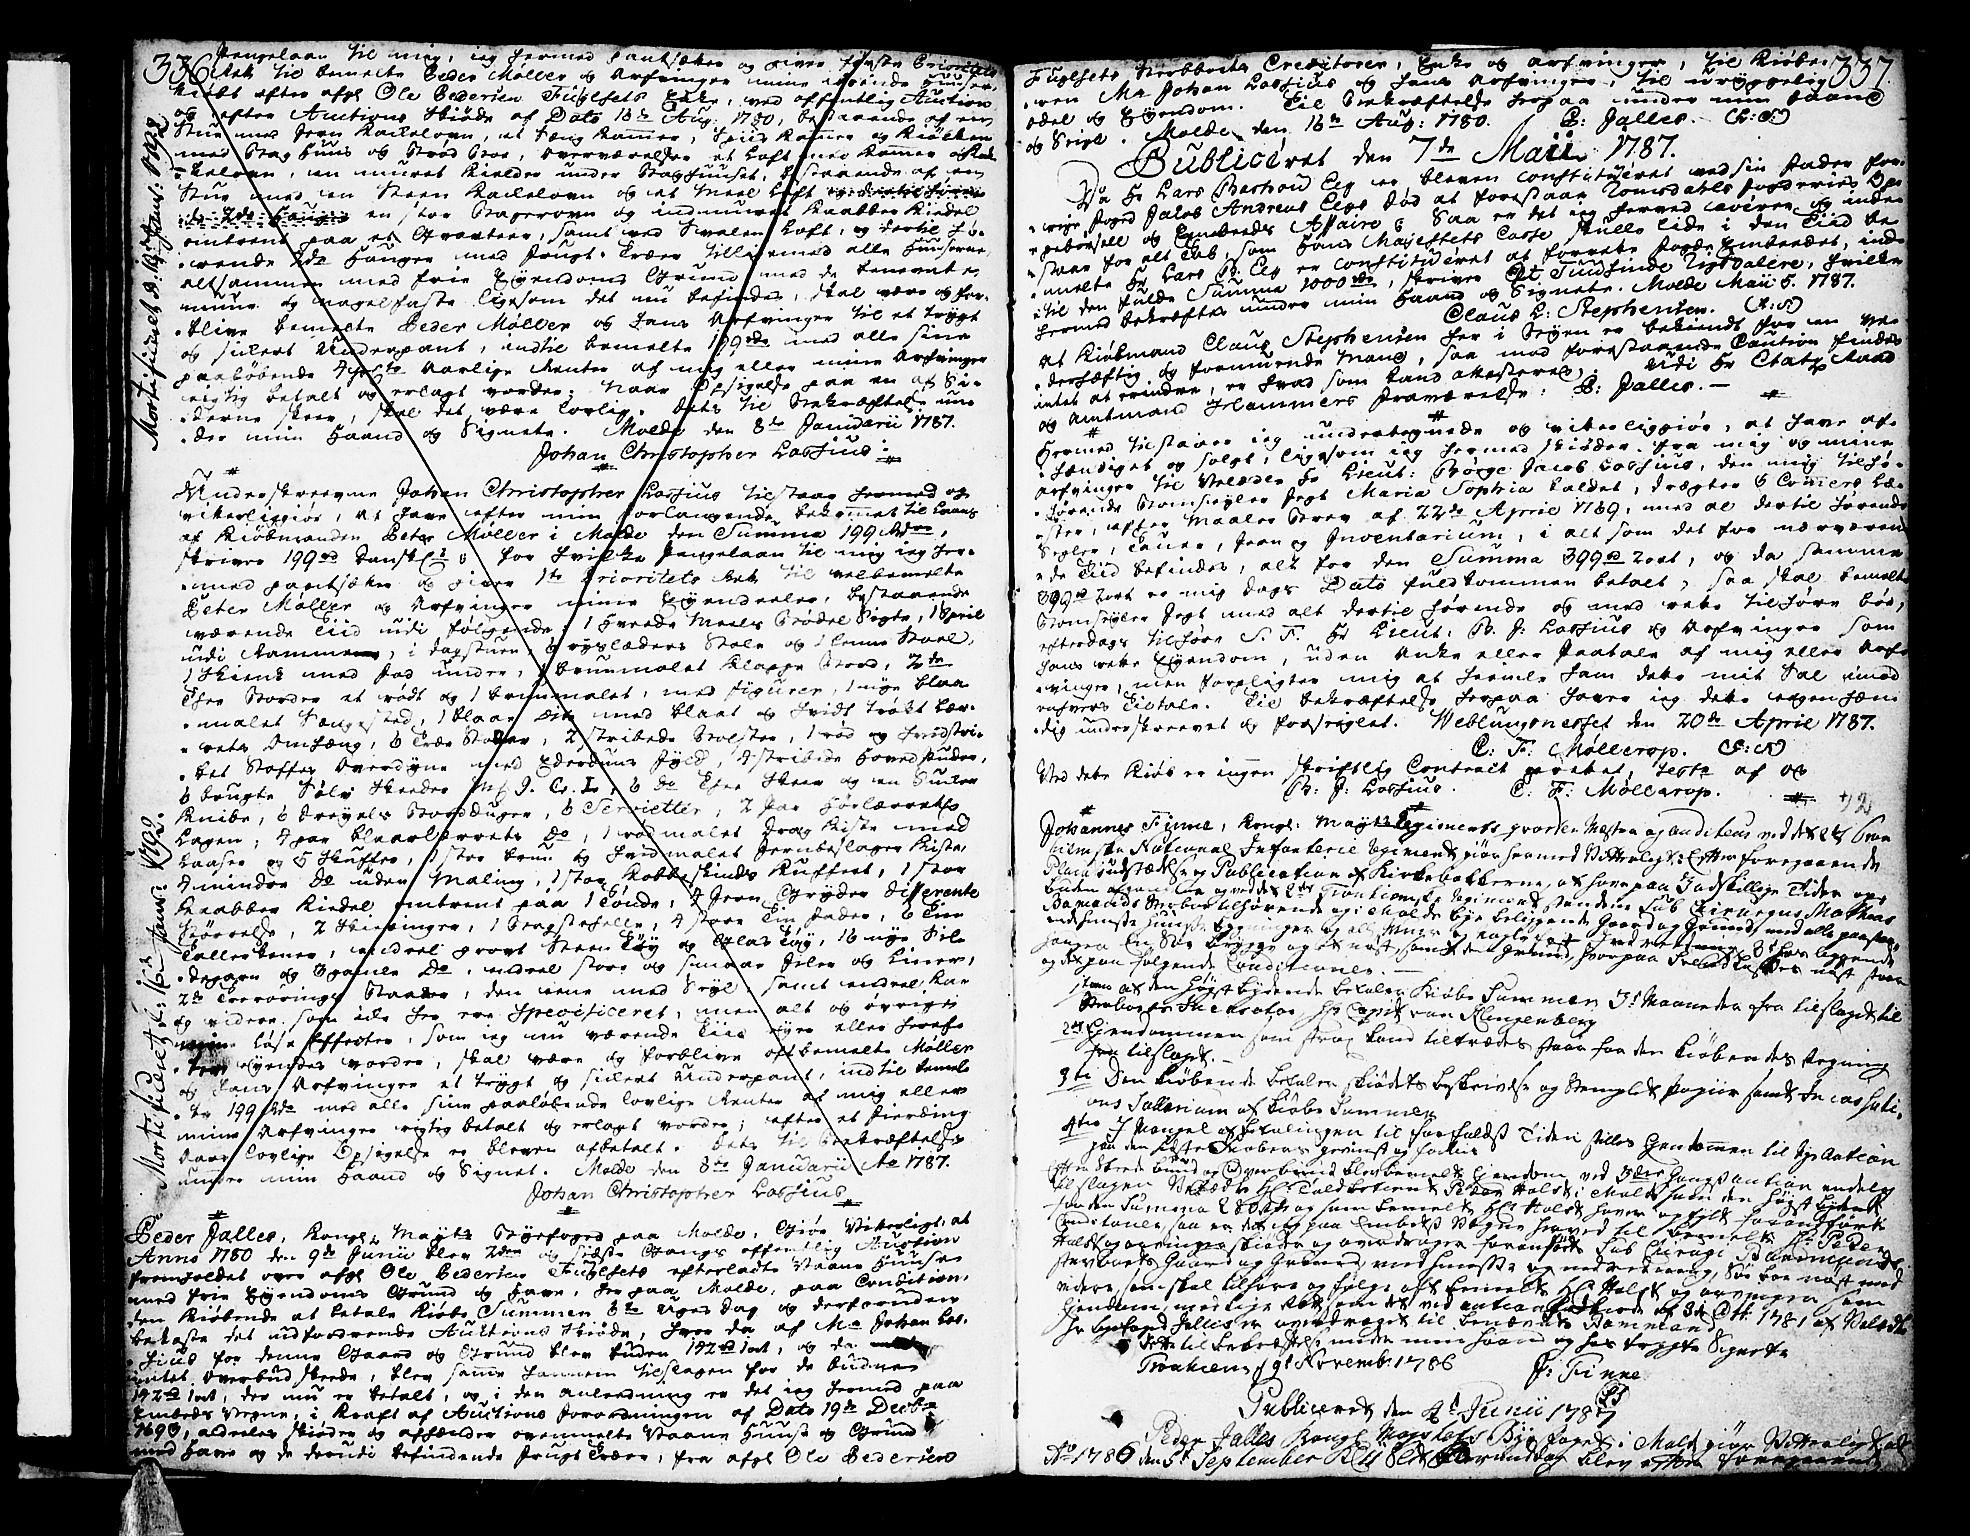 SAT, Molde byfogd, 2/2C/L0001: Pantebok nr. 1, 1748-1823, s. 336-337